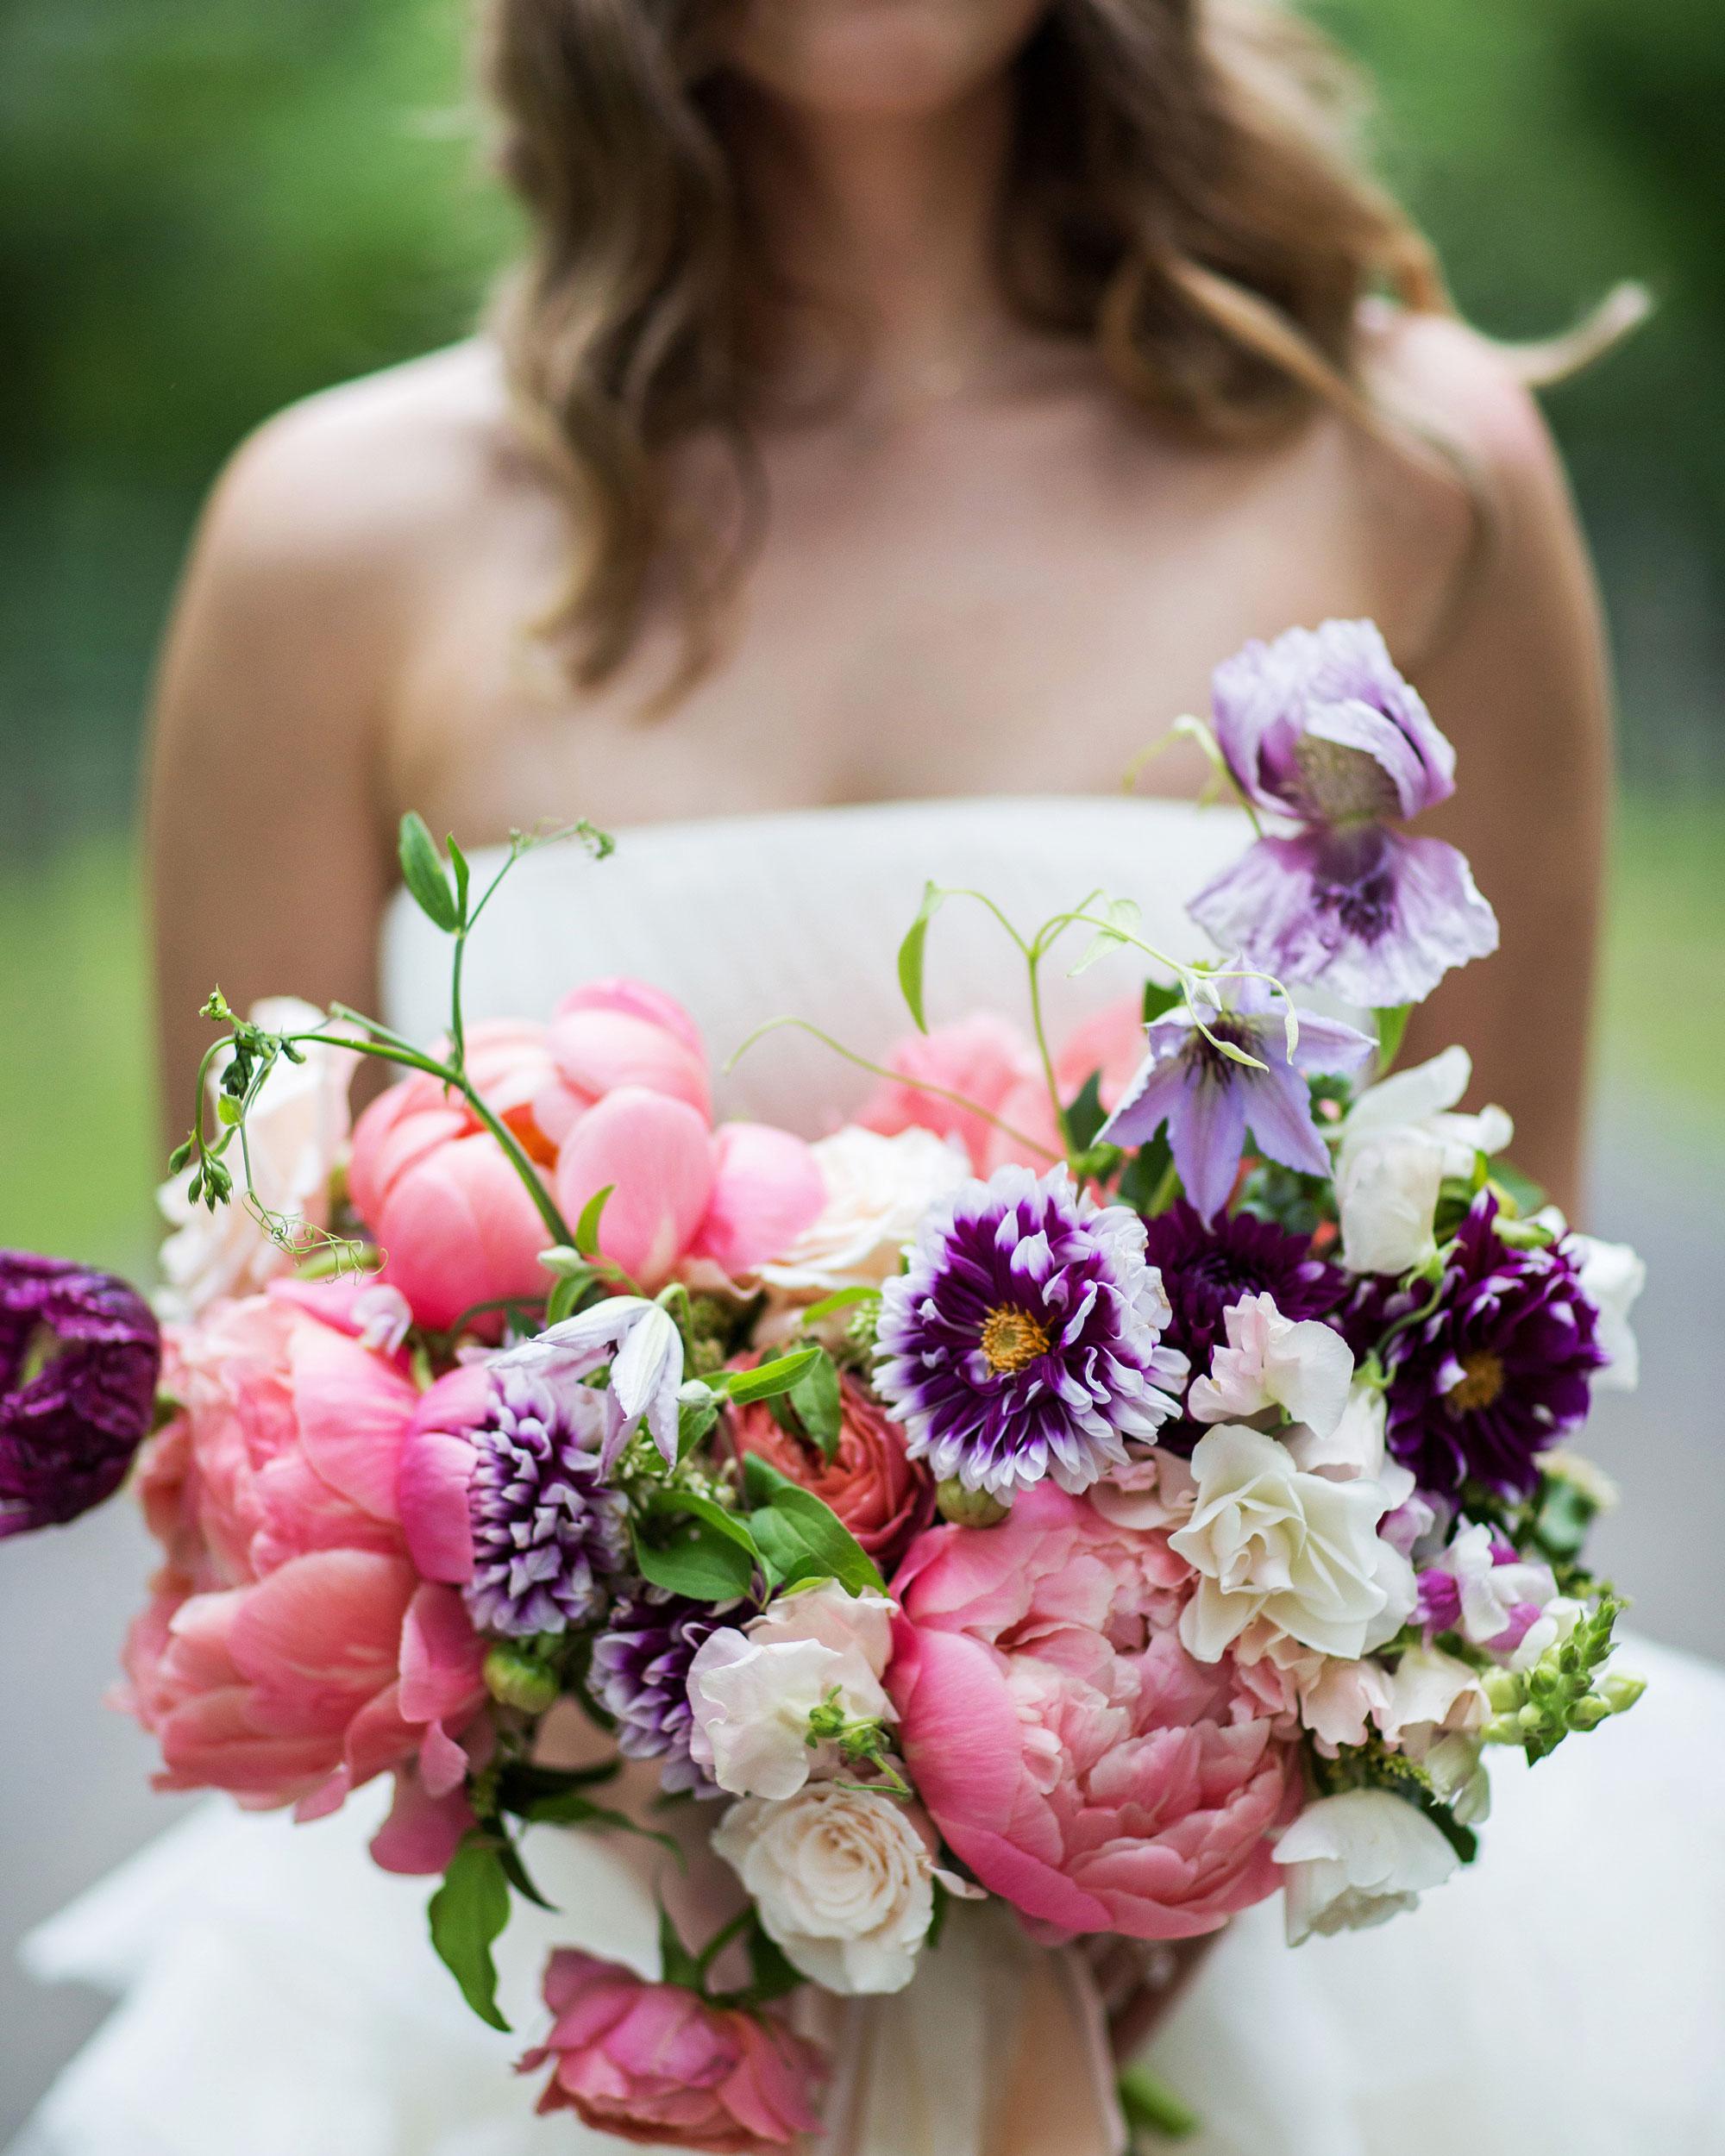 kaitlyn-robert-wedding-bouquet-0226-s112718-0316.jpg